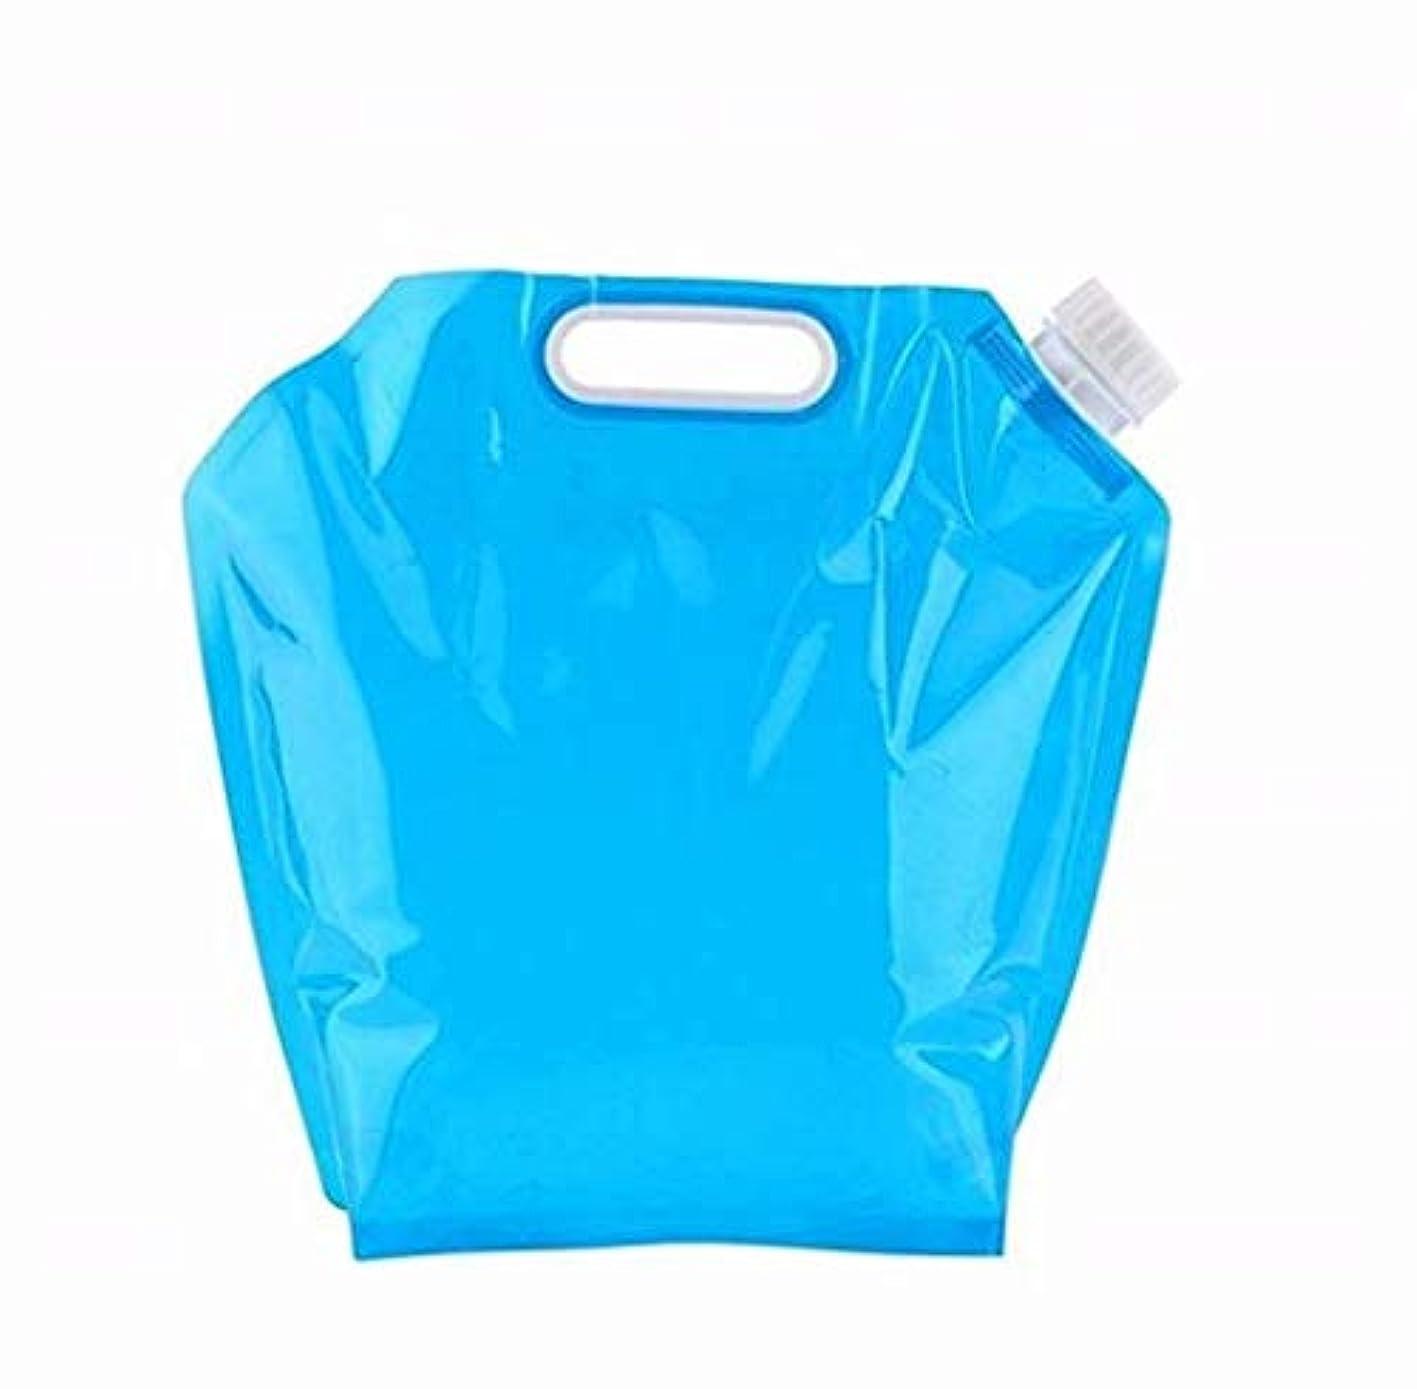 参照ワイプ翻訳する七里の香 ウォーターバック 給水袋 折りたたみ ポータブル ハンドル付き バッグ 5L キャンプ 登山 防災用 5L